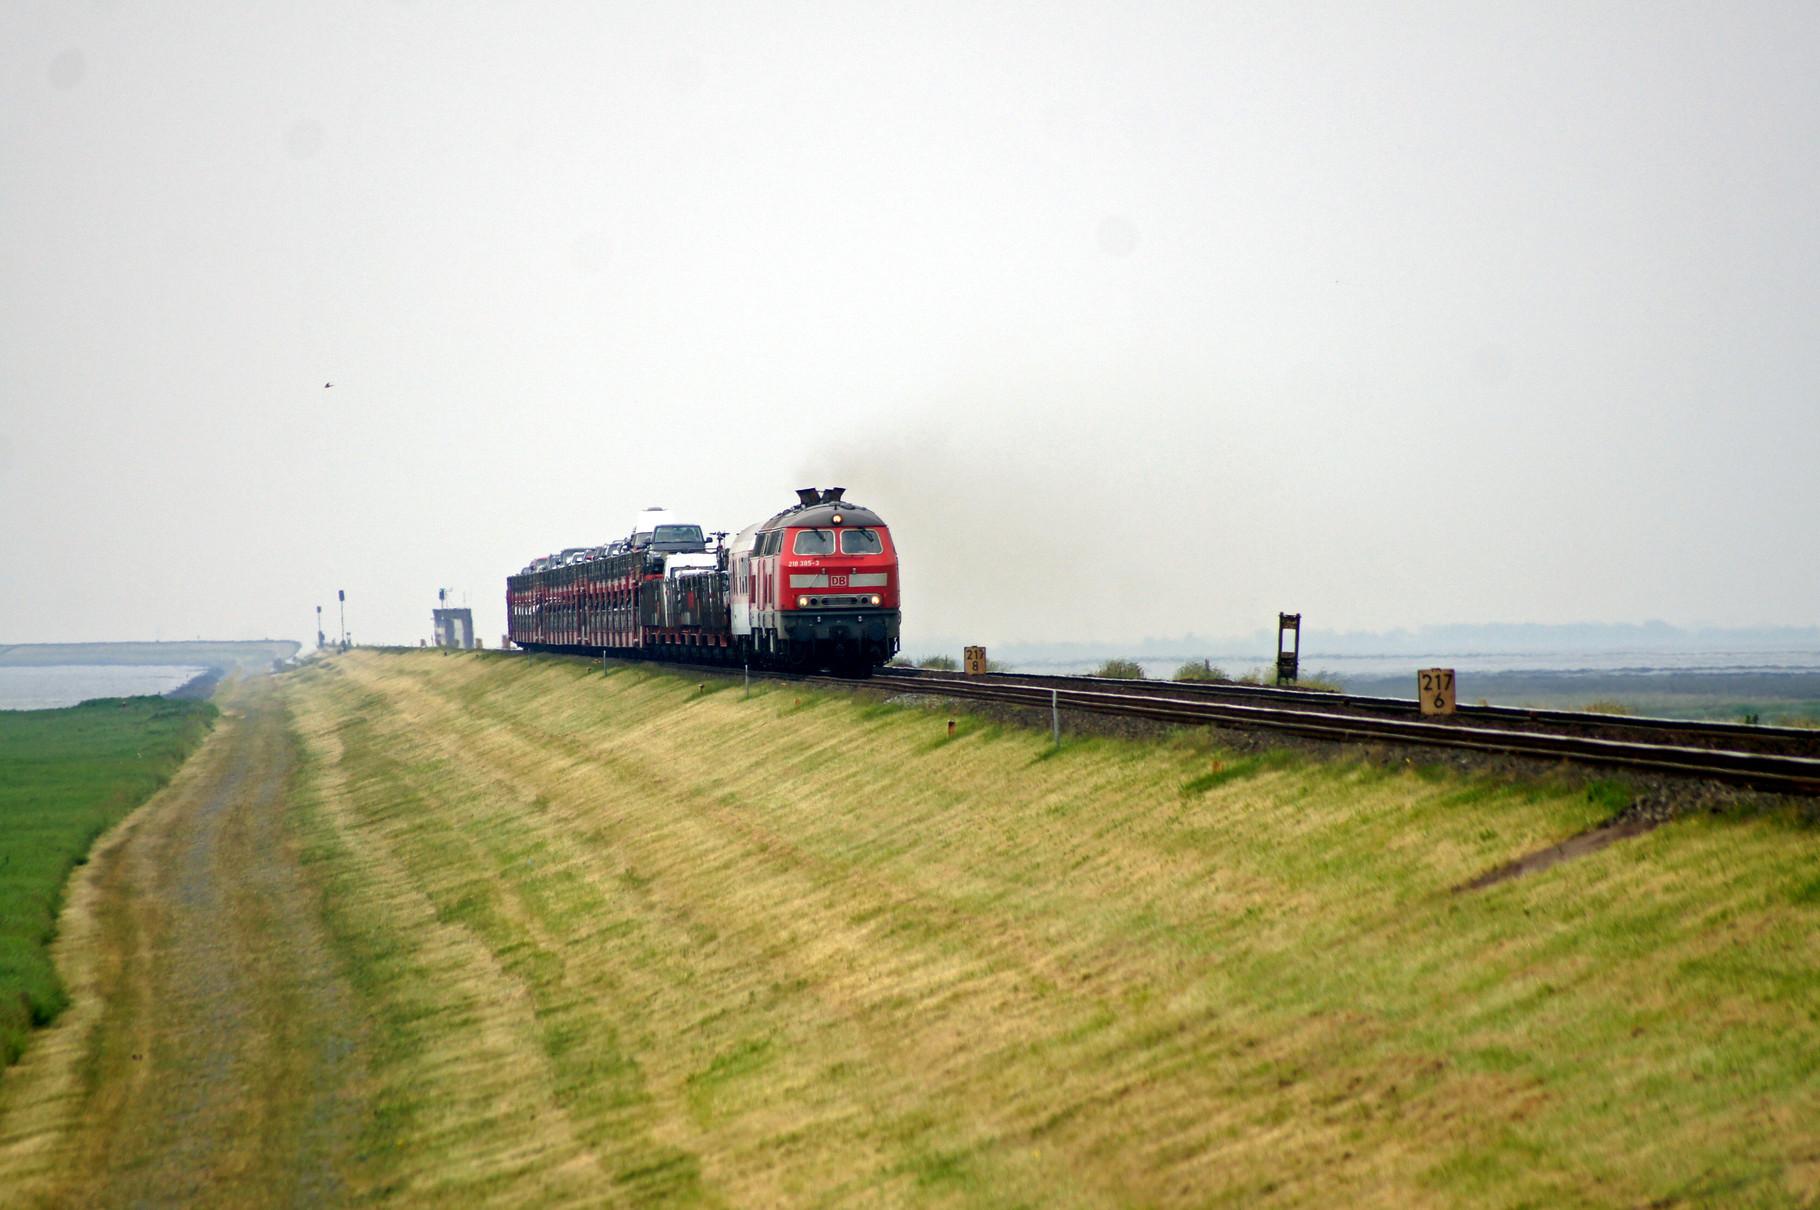 Der nächste Sylt Shuttle von Westerland kommt über den Hindenburgdamm.